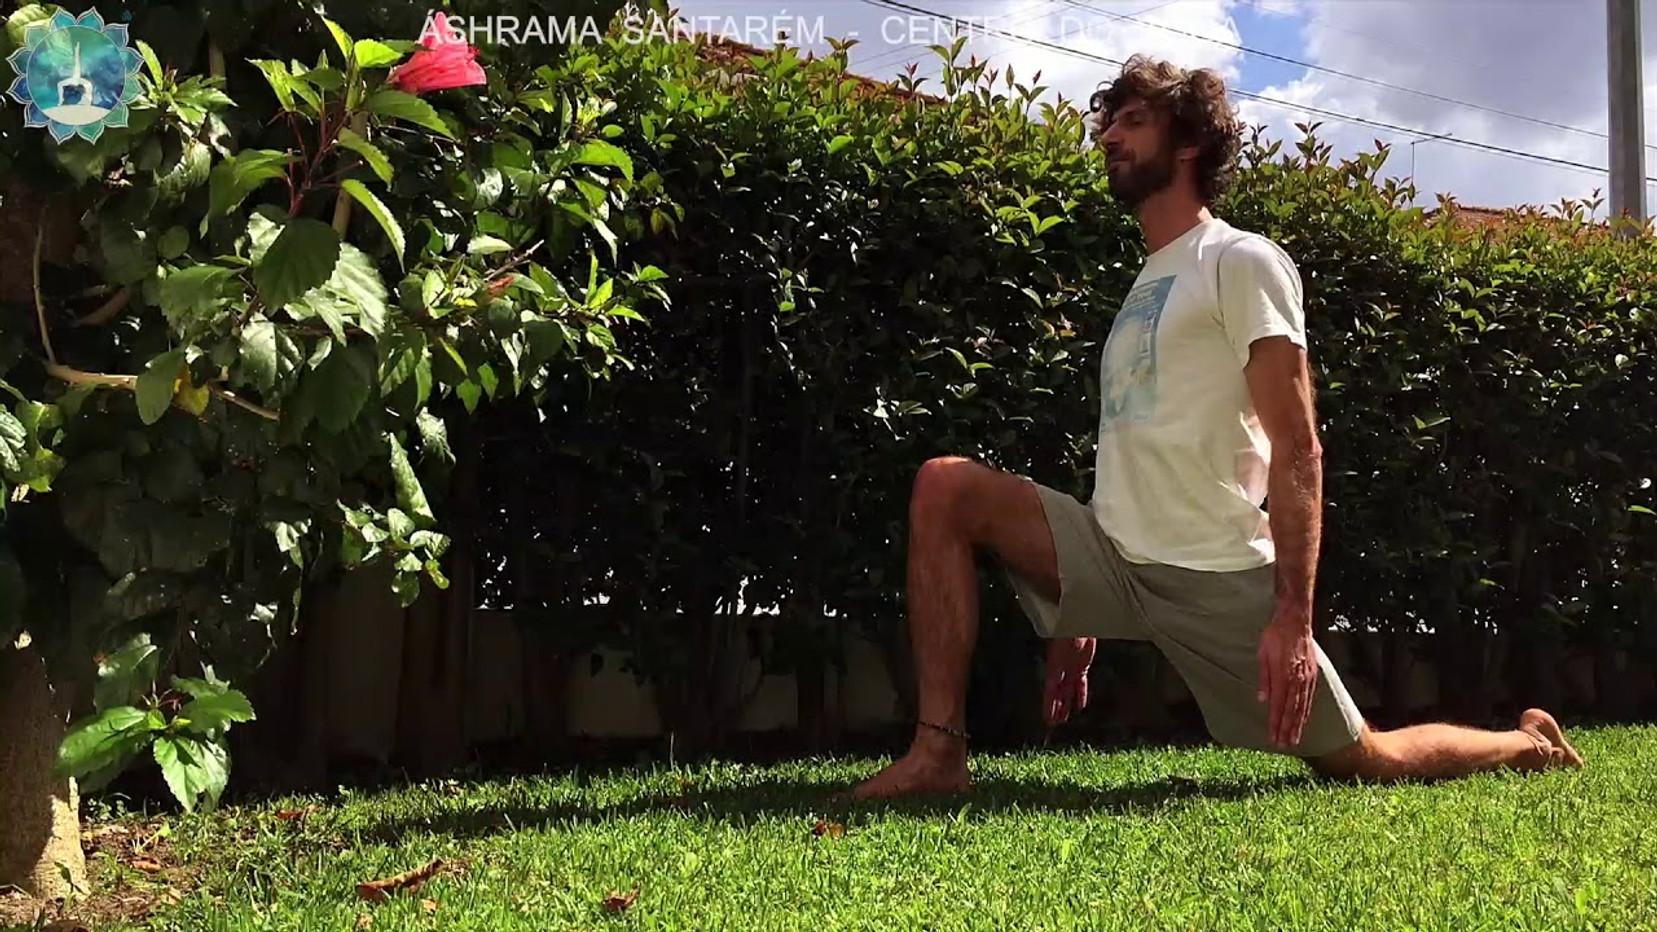 Aula de Yoga Nº6 - Yoga No Jardim - Short Preview